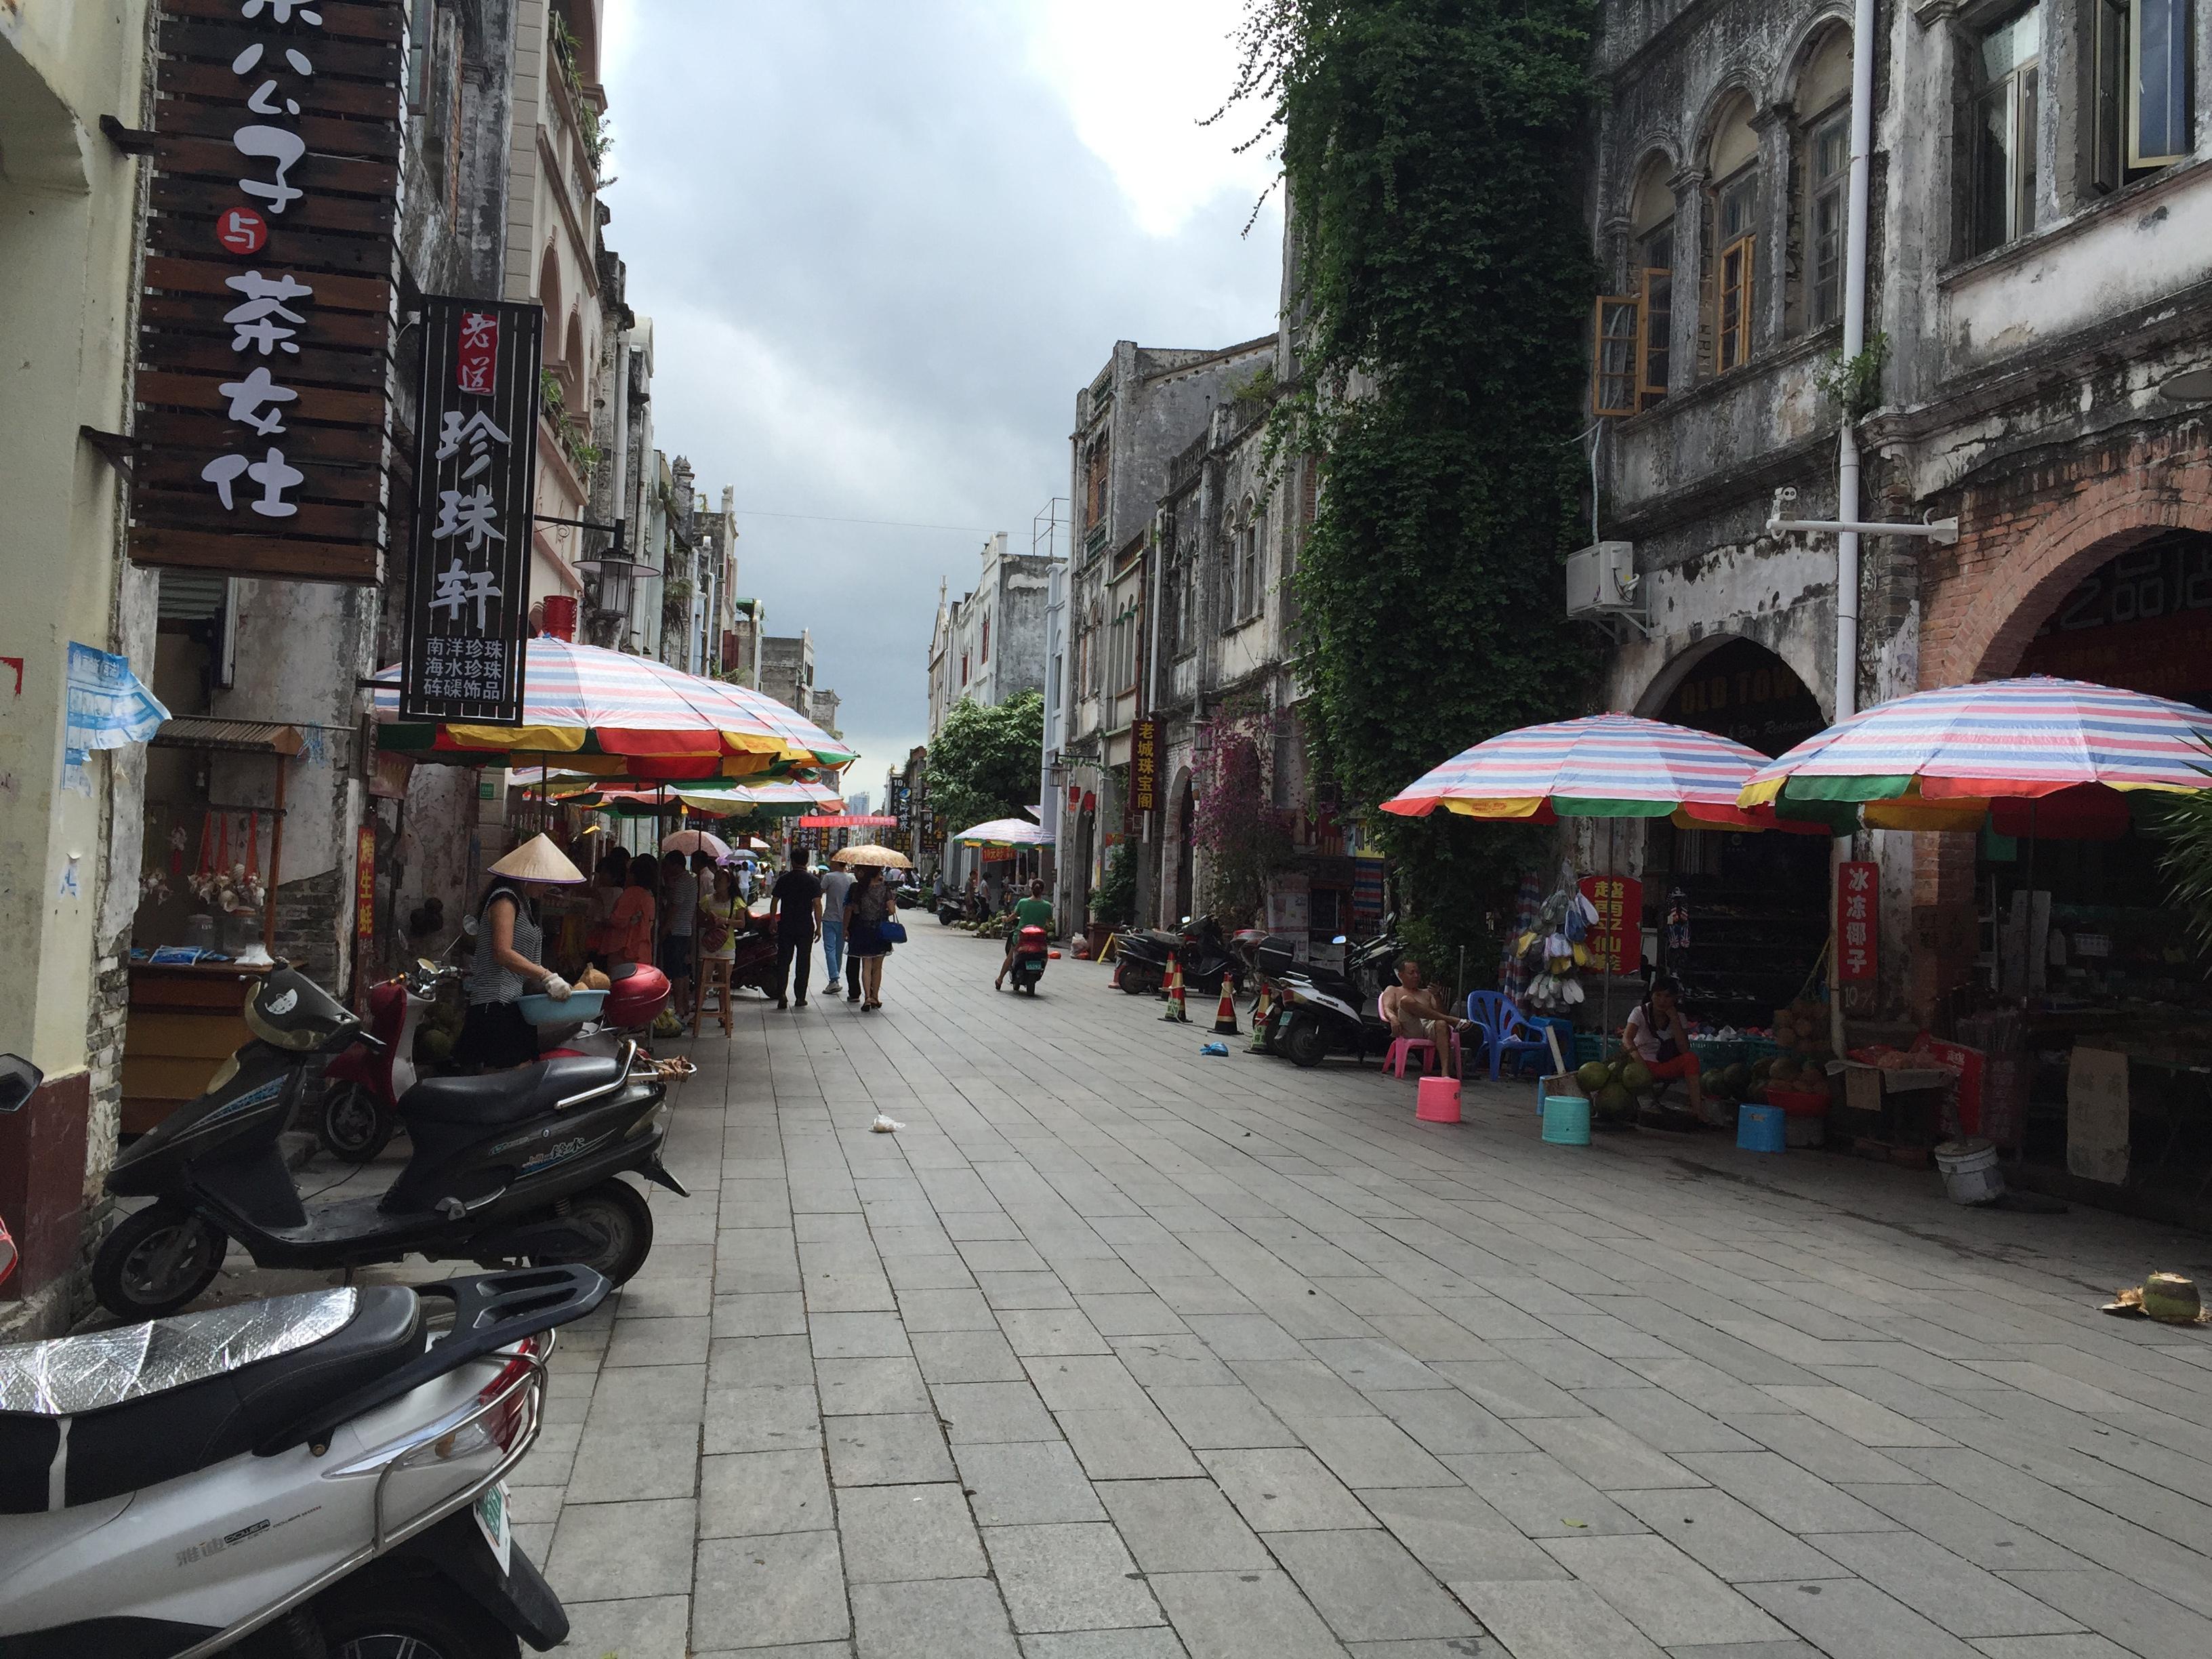 中国岭南保存最完整的老街、也曾是电视剧《上海滩》的取景地!